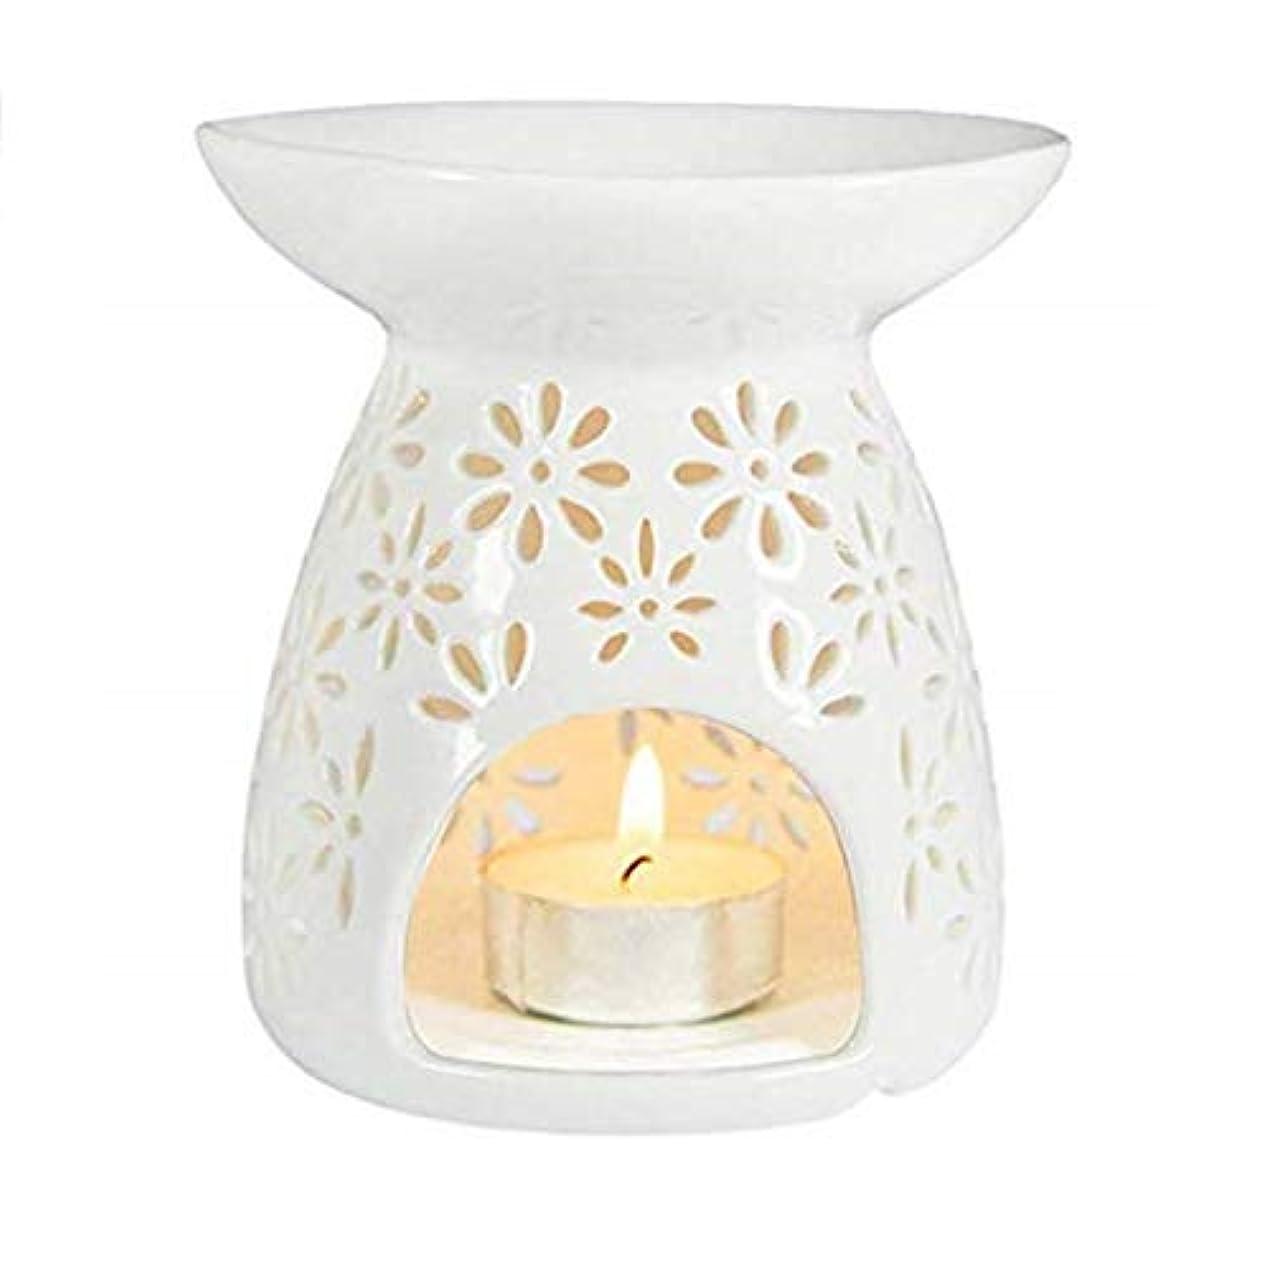 長老ラリー似ているシンプルモダン中空ラウンドセラミック香炉ホームフレグランスギフト装飾香ホルダーオイルバーナーティーライトホルダー (Color : White, サイズ : 3.74*3.93inchs)